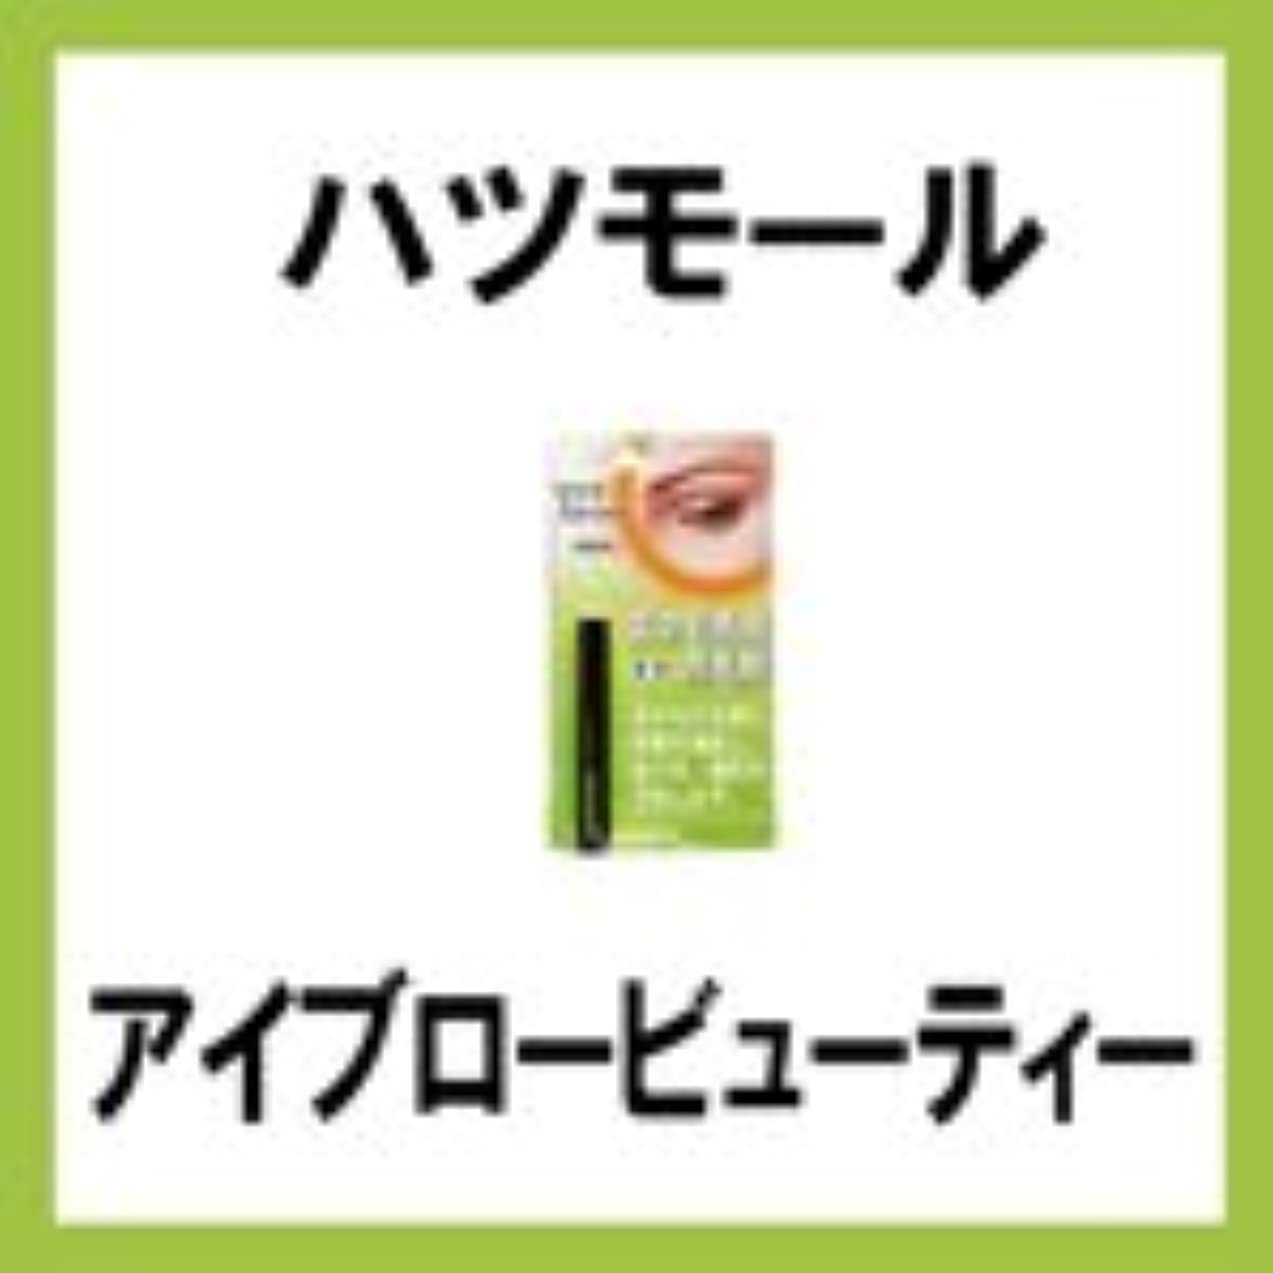 紫の発送速度ハツモール アイブロービューティー 6ml 【田村治照堂】